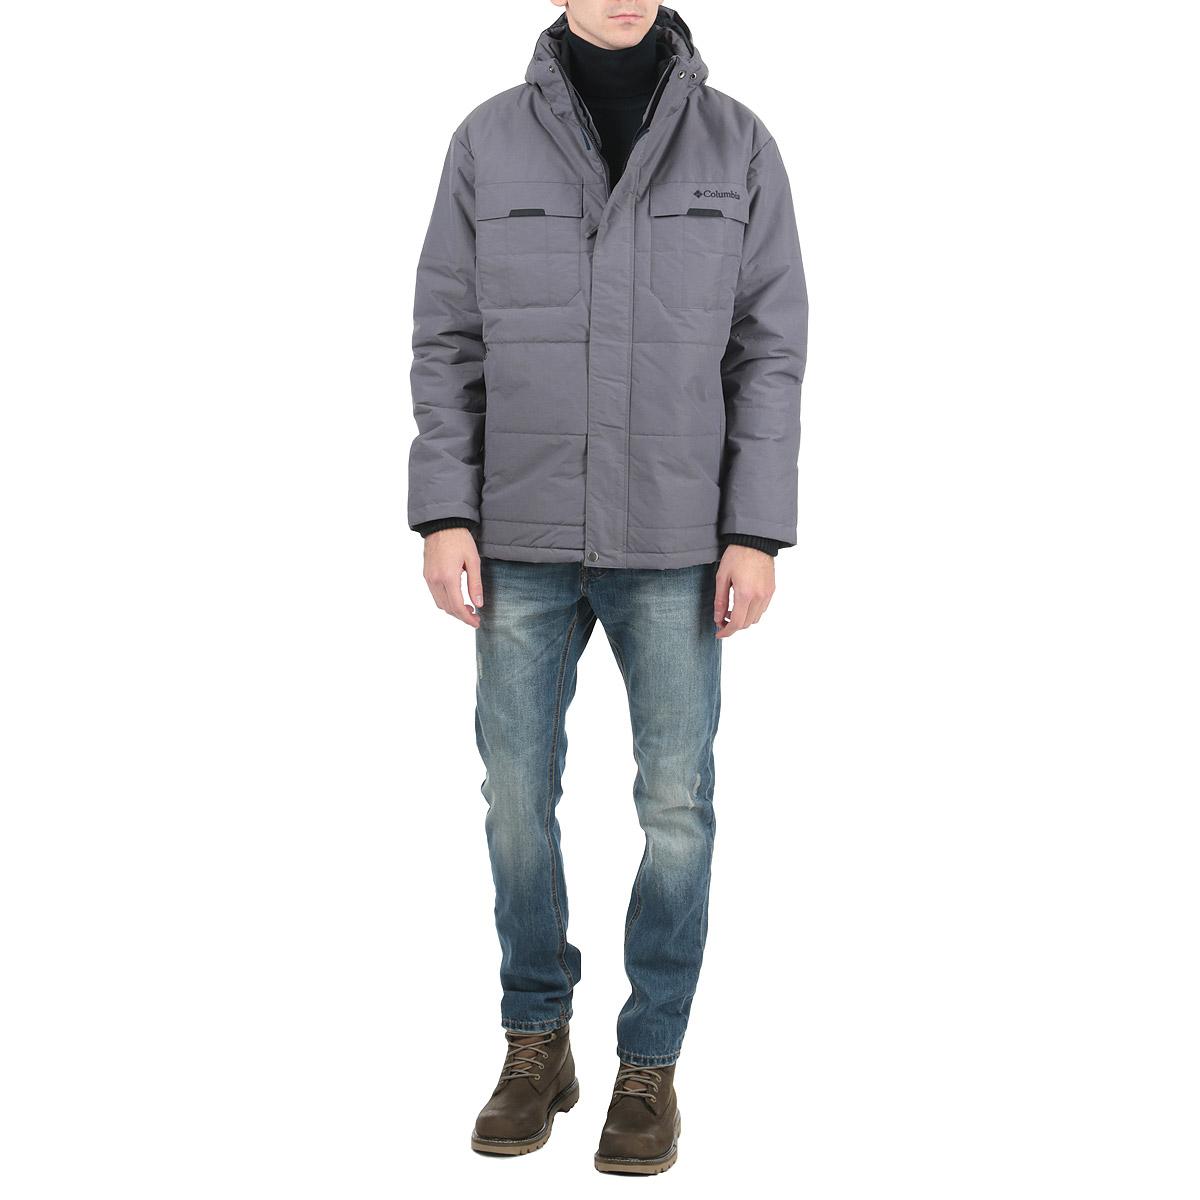 Куртка мужская Mount Tabor Jacket. WM5453-419WM5453-419Стильная мужская куртка Columbia Mount Tabor Jacket подходит для длительных прогулок в прохладную погоду. Куртка обработана водоотталкивающим покрытием и воздухонепроницаема, высококачественный утеплитель поможет сохранить комфорт при температуре до -15 °C. Куртка со съемным капюшоном и воротником-стойкой застегивается на пластиковую застежку-молнию и дополнительно имеет внешнюю ветрозащитную планку на липучках и кнопках. Капюшон пристегивается с помощью кнопок и по краю дополнен скрытой трикотажной эластичной резинкой со специальными фиксаторами. Для большего комфорта подкладка воротника дополнена текстилем. Рукава изделия дополнены трикотажными манжетами, основные манжеты дополнены хлястиками на липучках для регулировки обхвата. Низ изделия дополнен внутренней эластичной резинкой на стопперах. Спереди модель дополнена двумя прорезными карманами на застежках-молниях. С изнаночной стороны имеется прорезной карман на застежке-молнии. На груди модель оформлена вышивкой с названием...